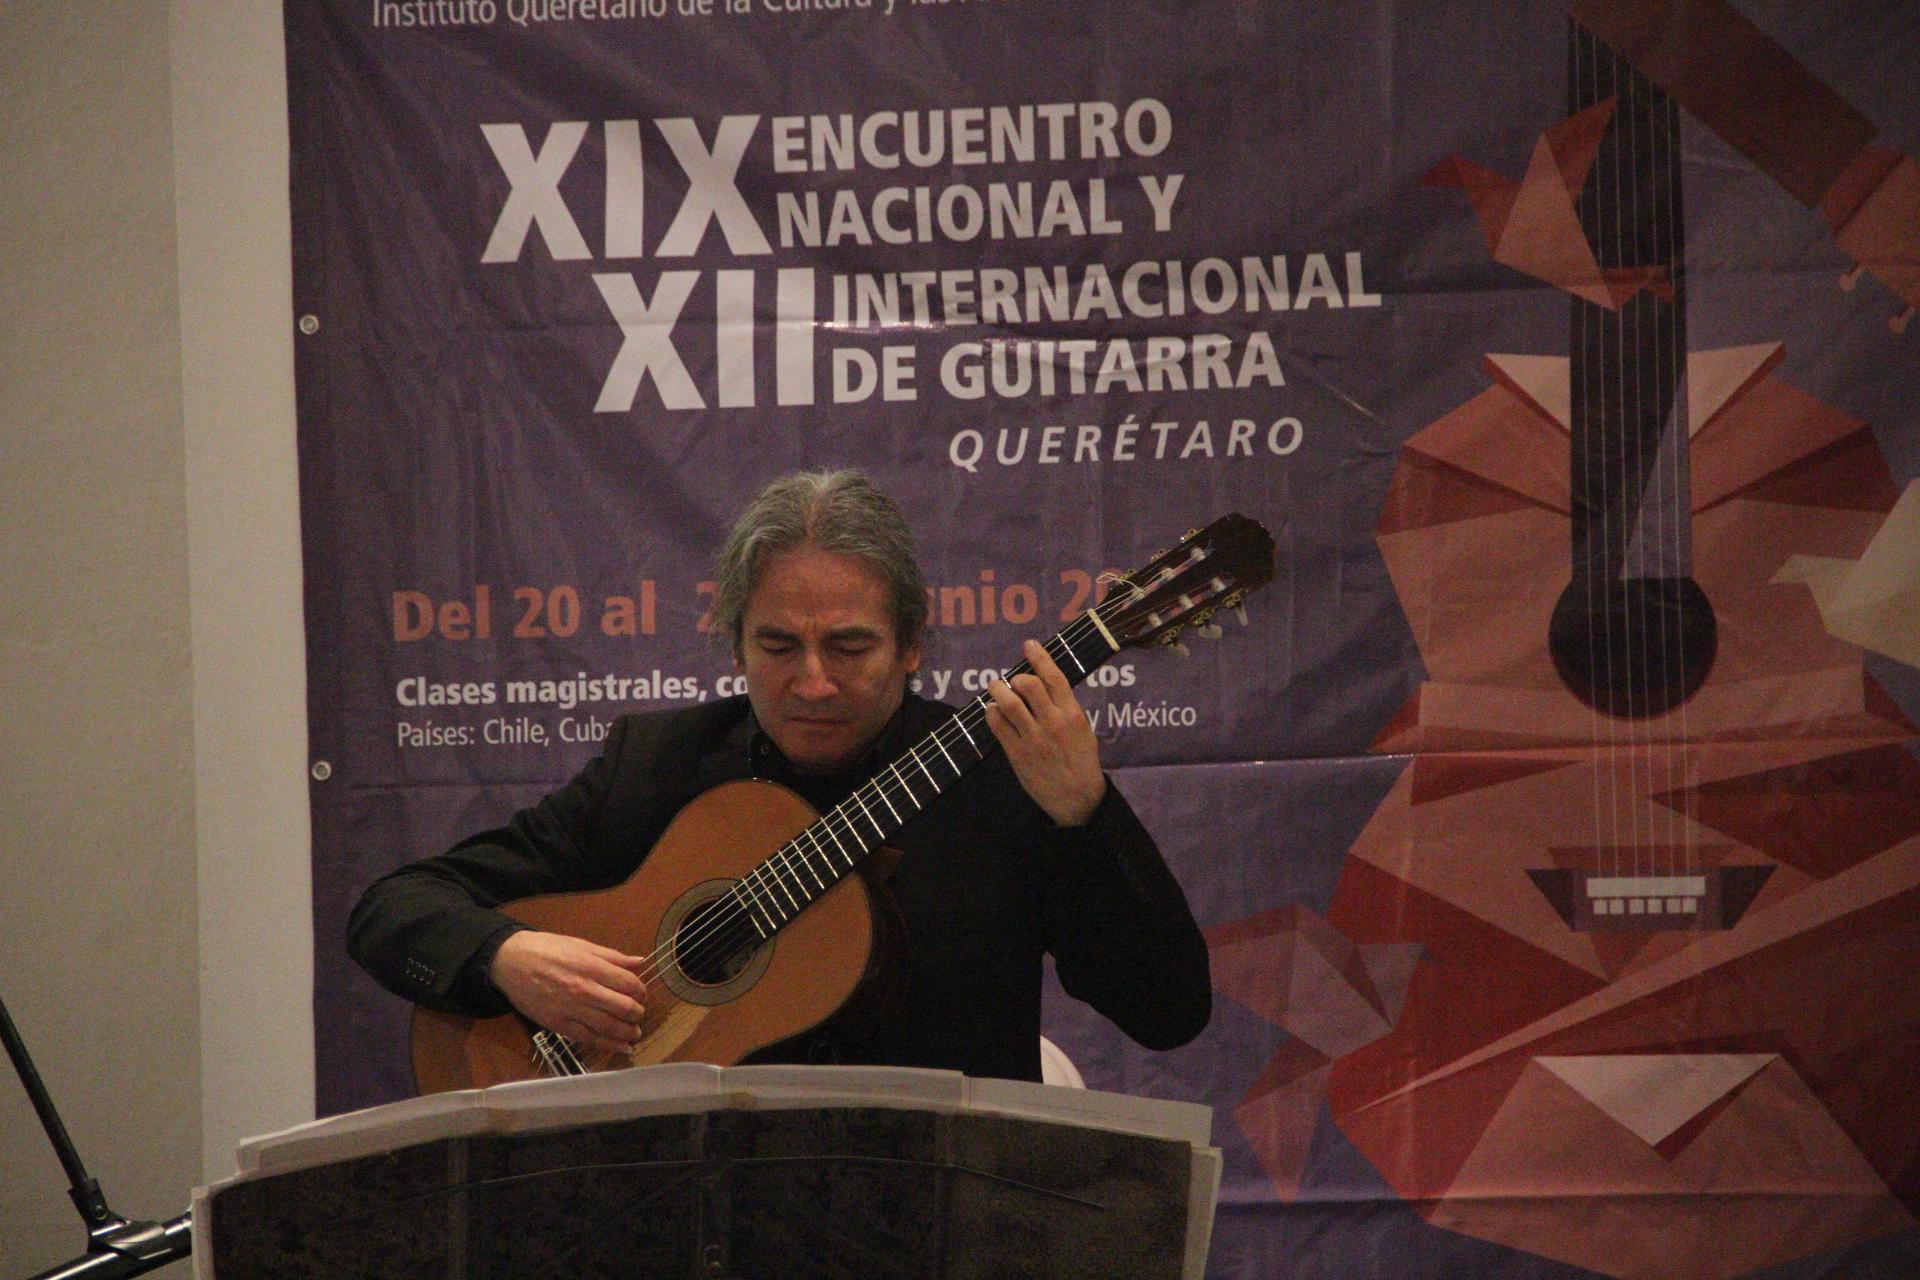 Inicia el XIX Encuentro Nacional y XII Internacional de Guitarra Querétaro 2015